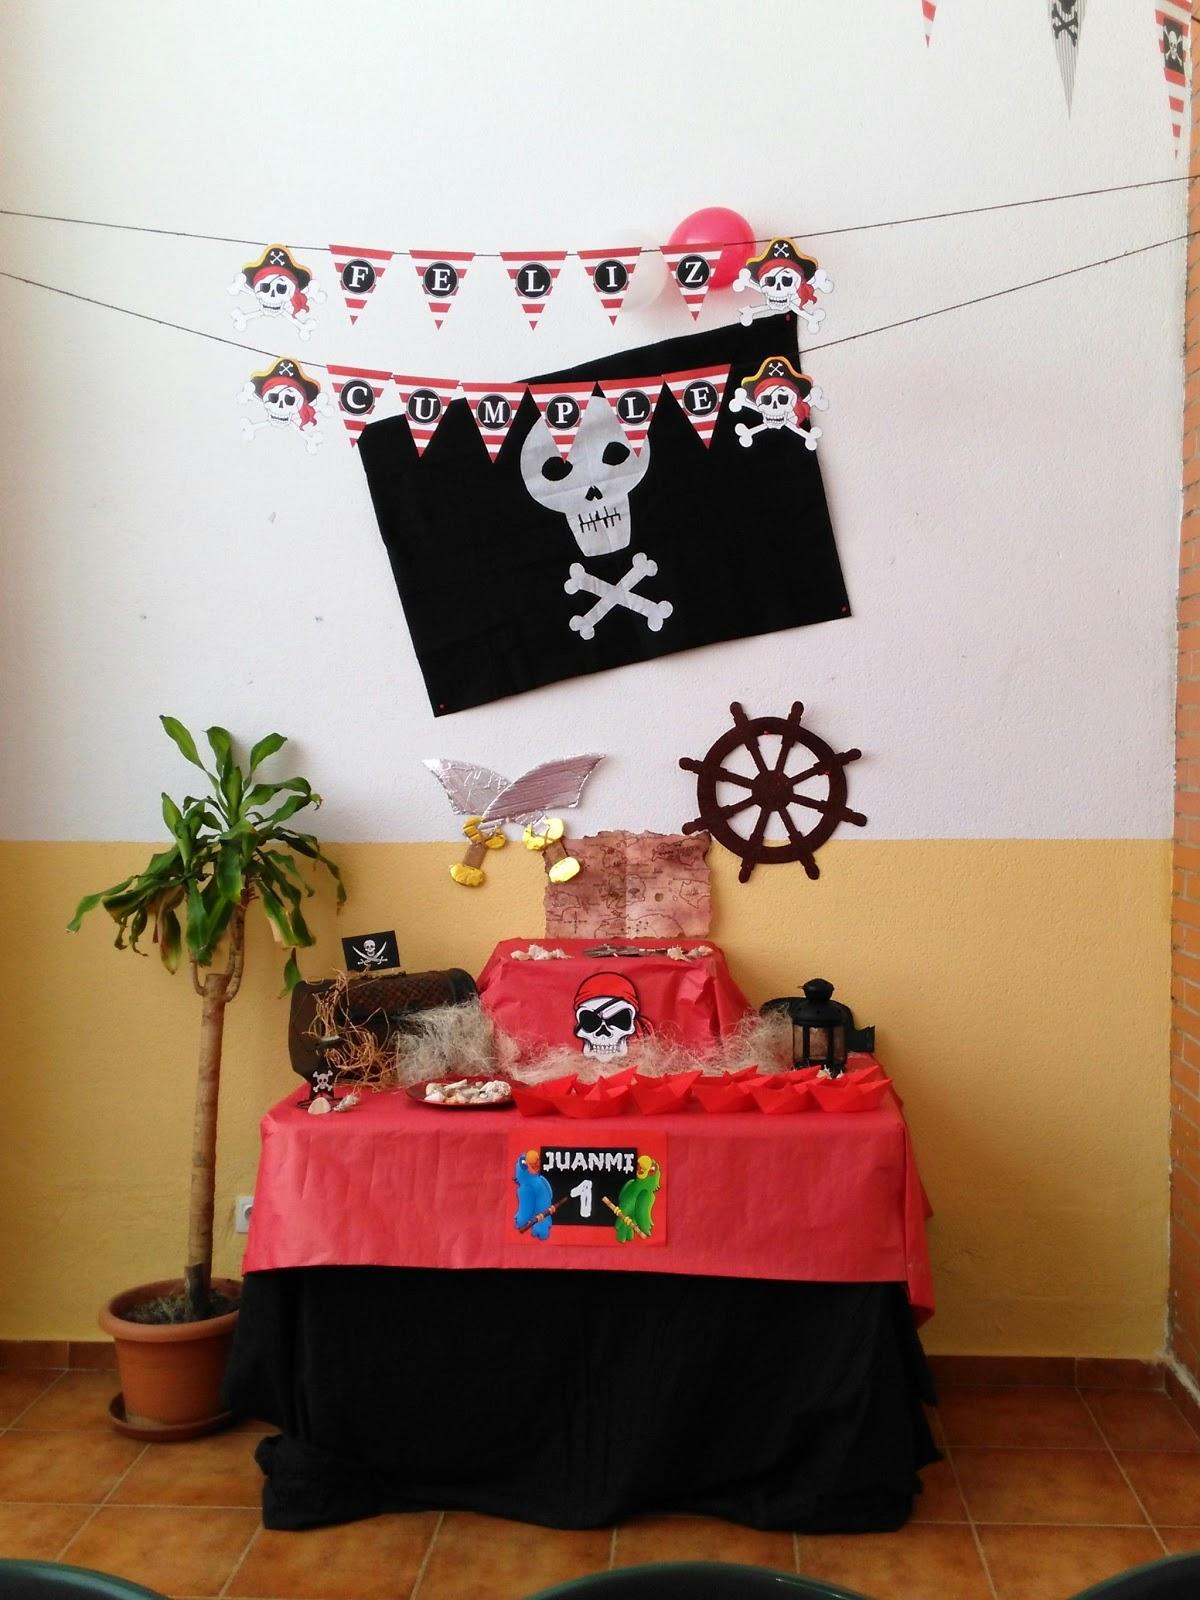 en la primera altura dispuse un cofre de madera antiguo decorado con unas banderitas piratas que imprim y plastifiqu algunos farolillos con velas